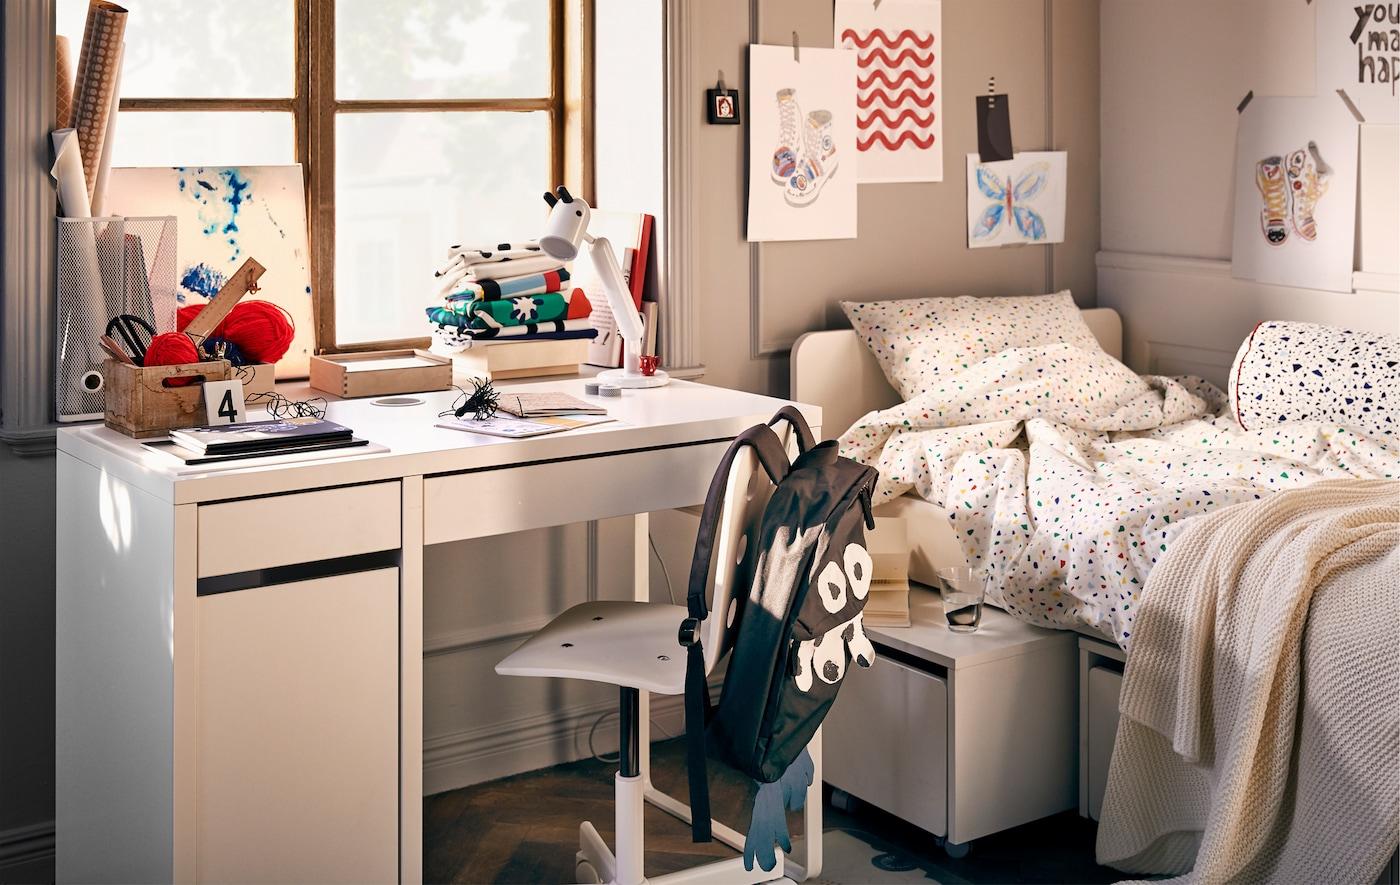 Gyerekszoba, ággyal, fali alkotással és munkahely MICKE íróasztallal, forgószékkel és KRUX lámpával.